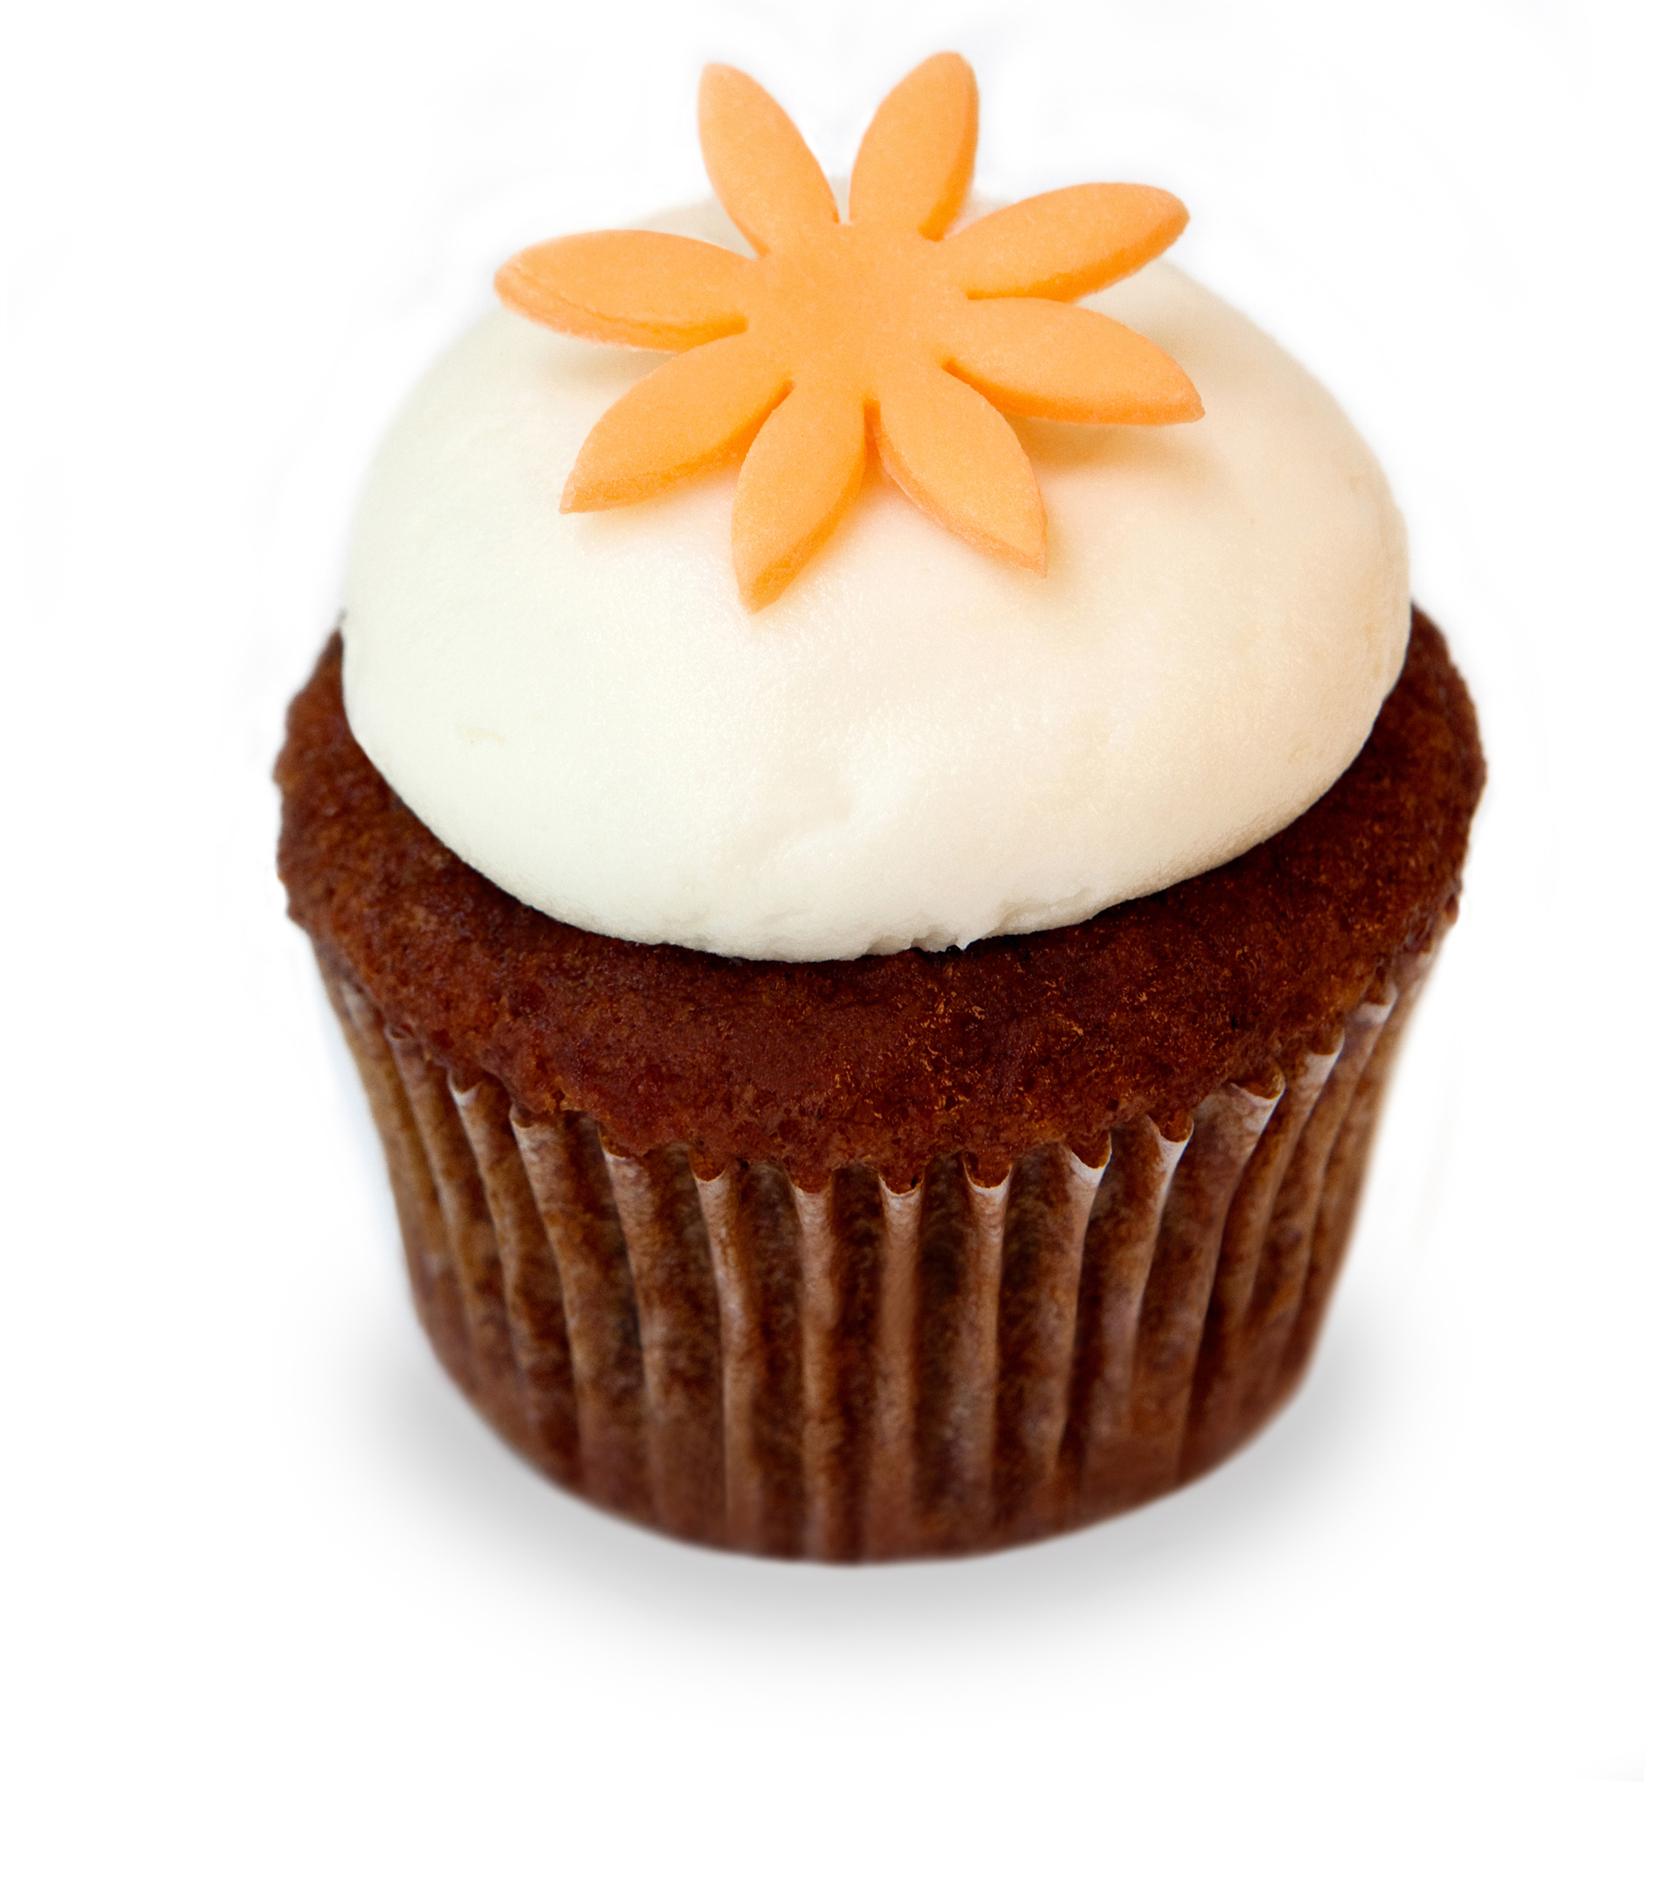 karrot cupcake